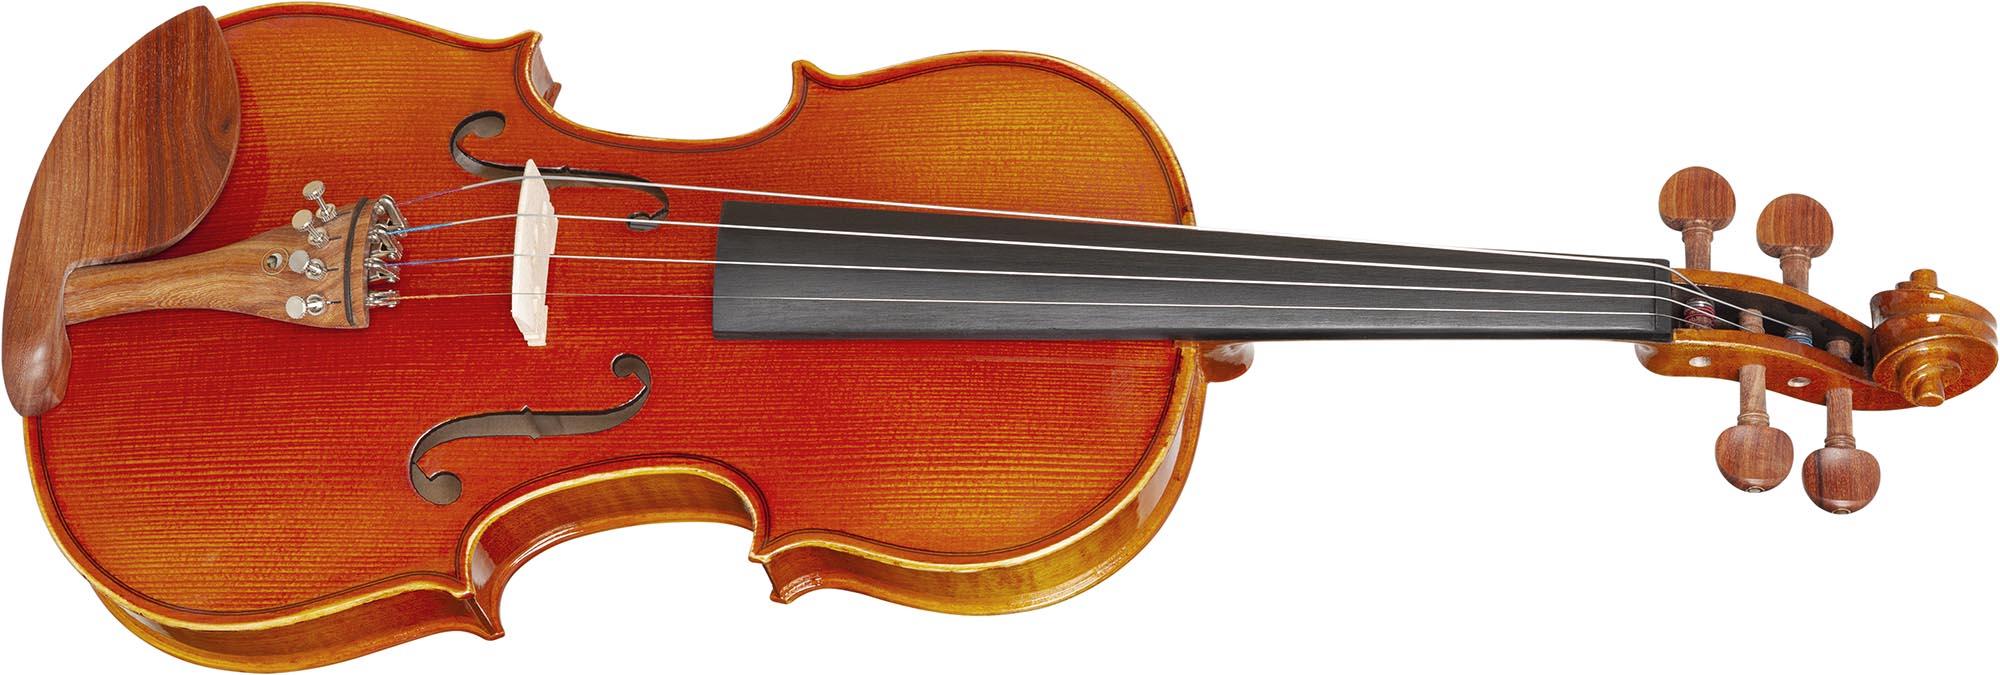 ve445 violino eagle ve445 visao frontal